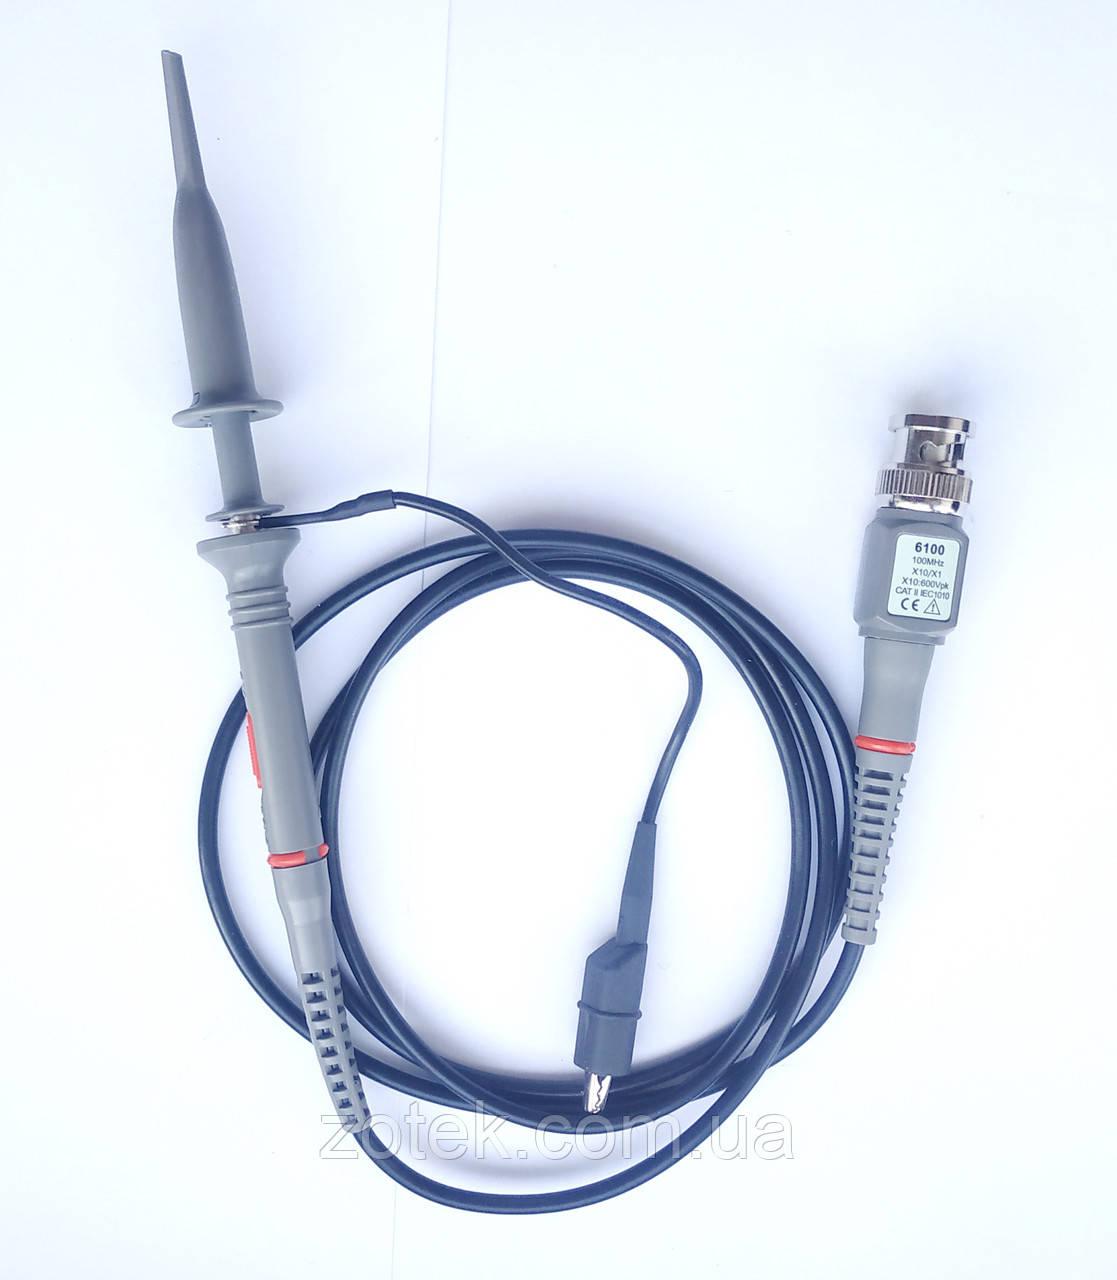 Щуп для осциллографа P6100 100МГц 1x, 10x Пробник для осциллографа